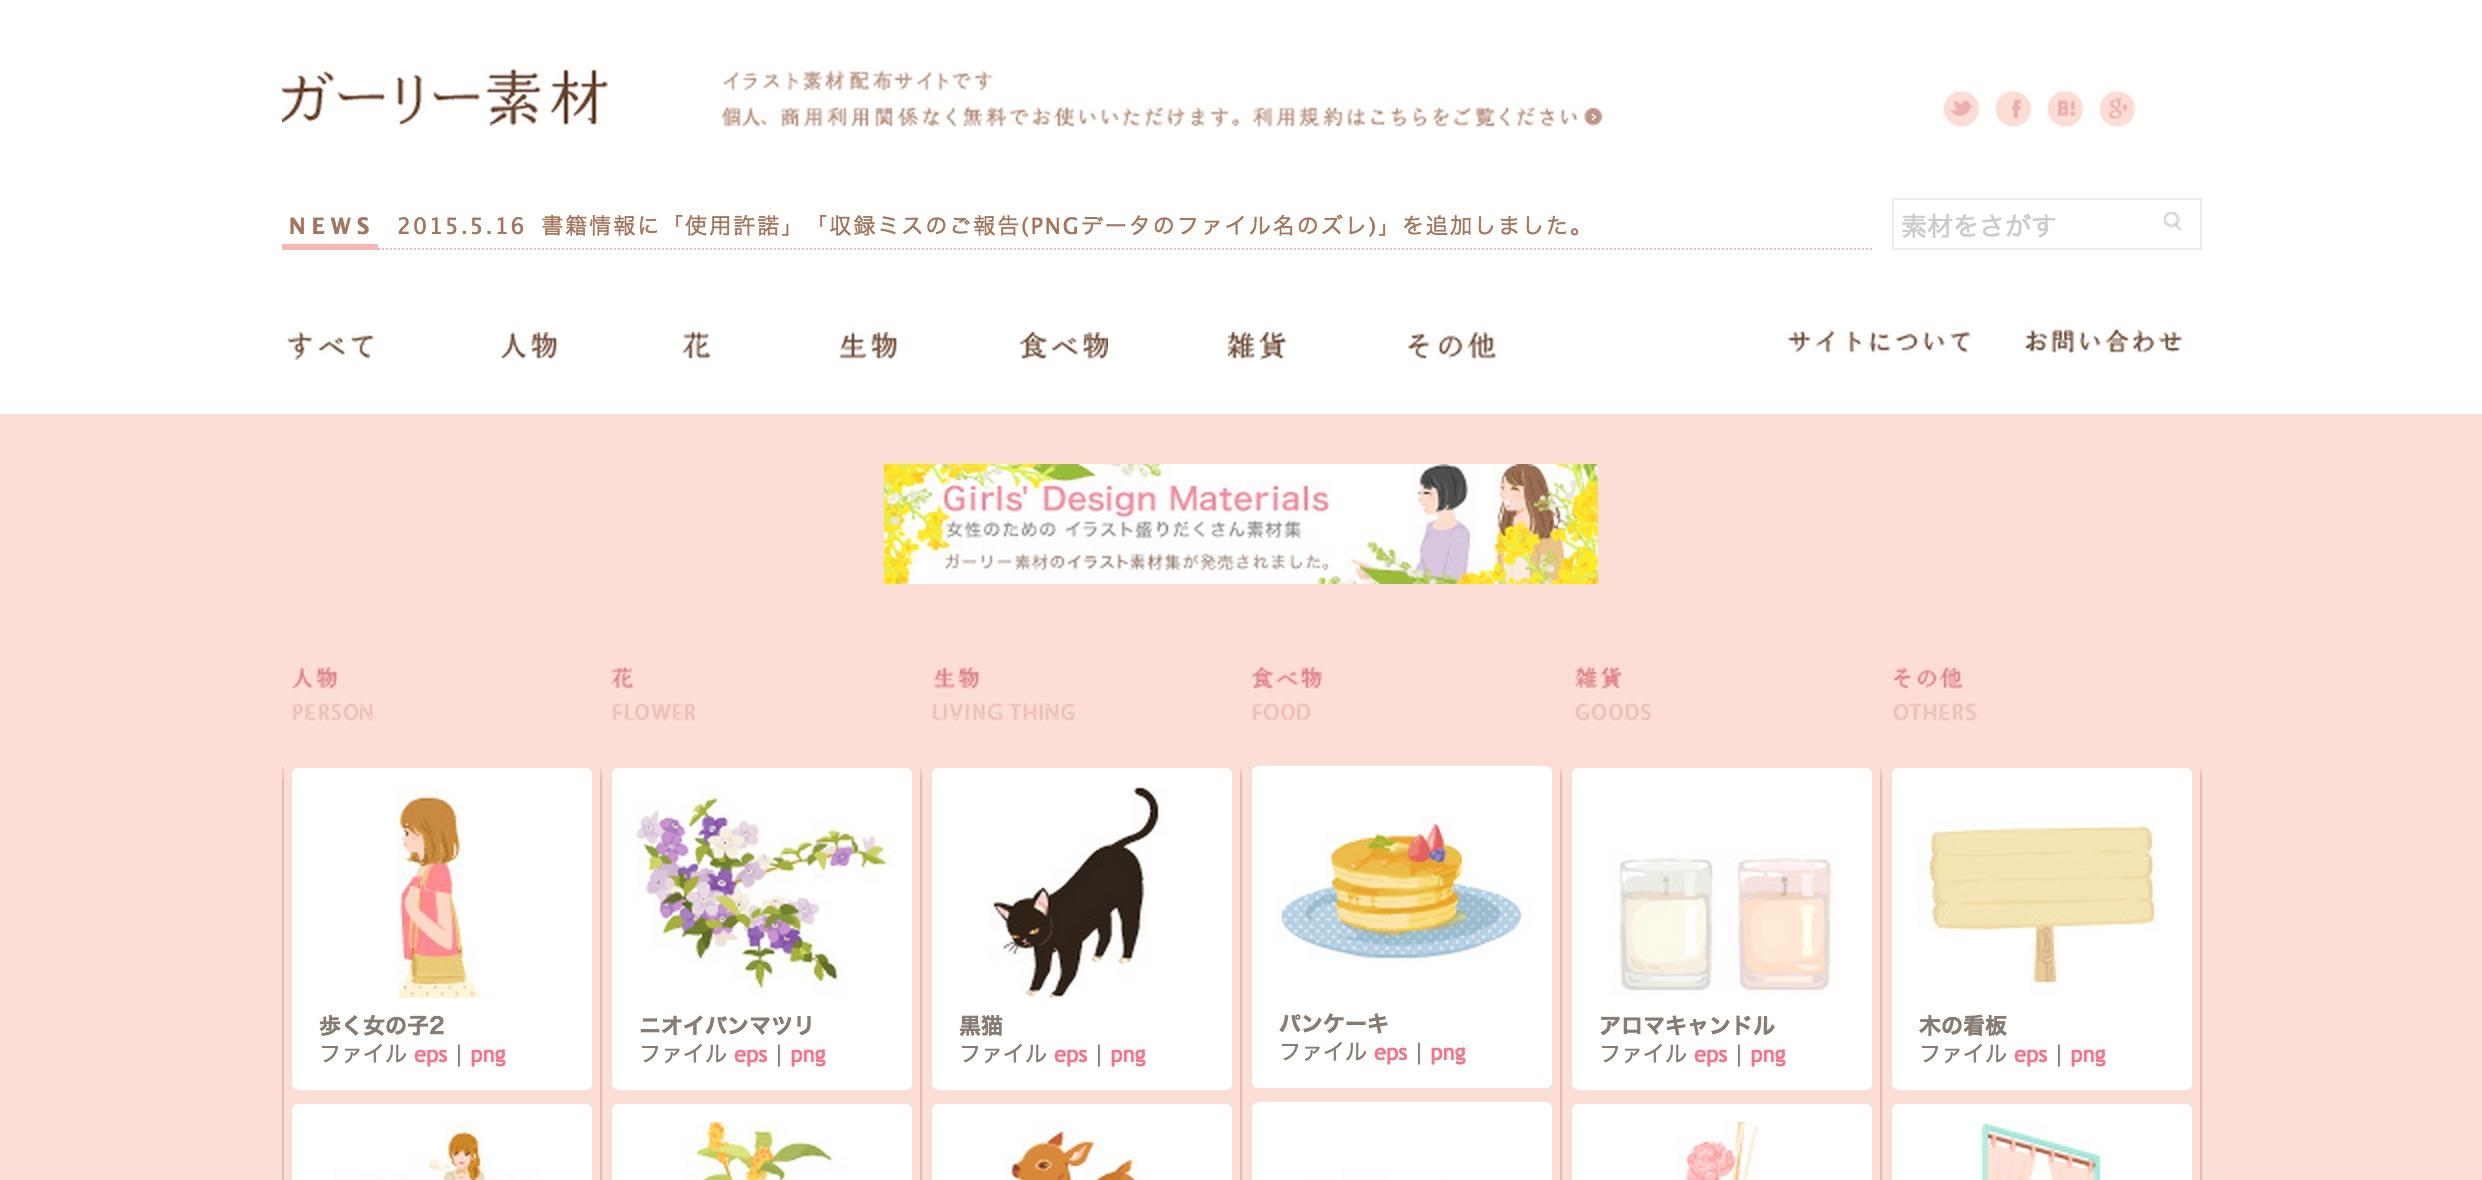 ガーリー素材-i-無料フリーイラスト素材配布サイト-http___girlysozai_